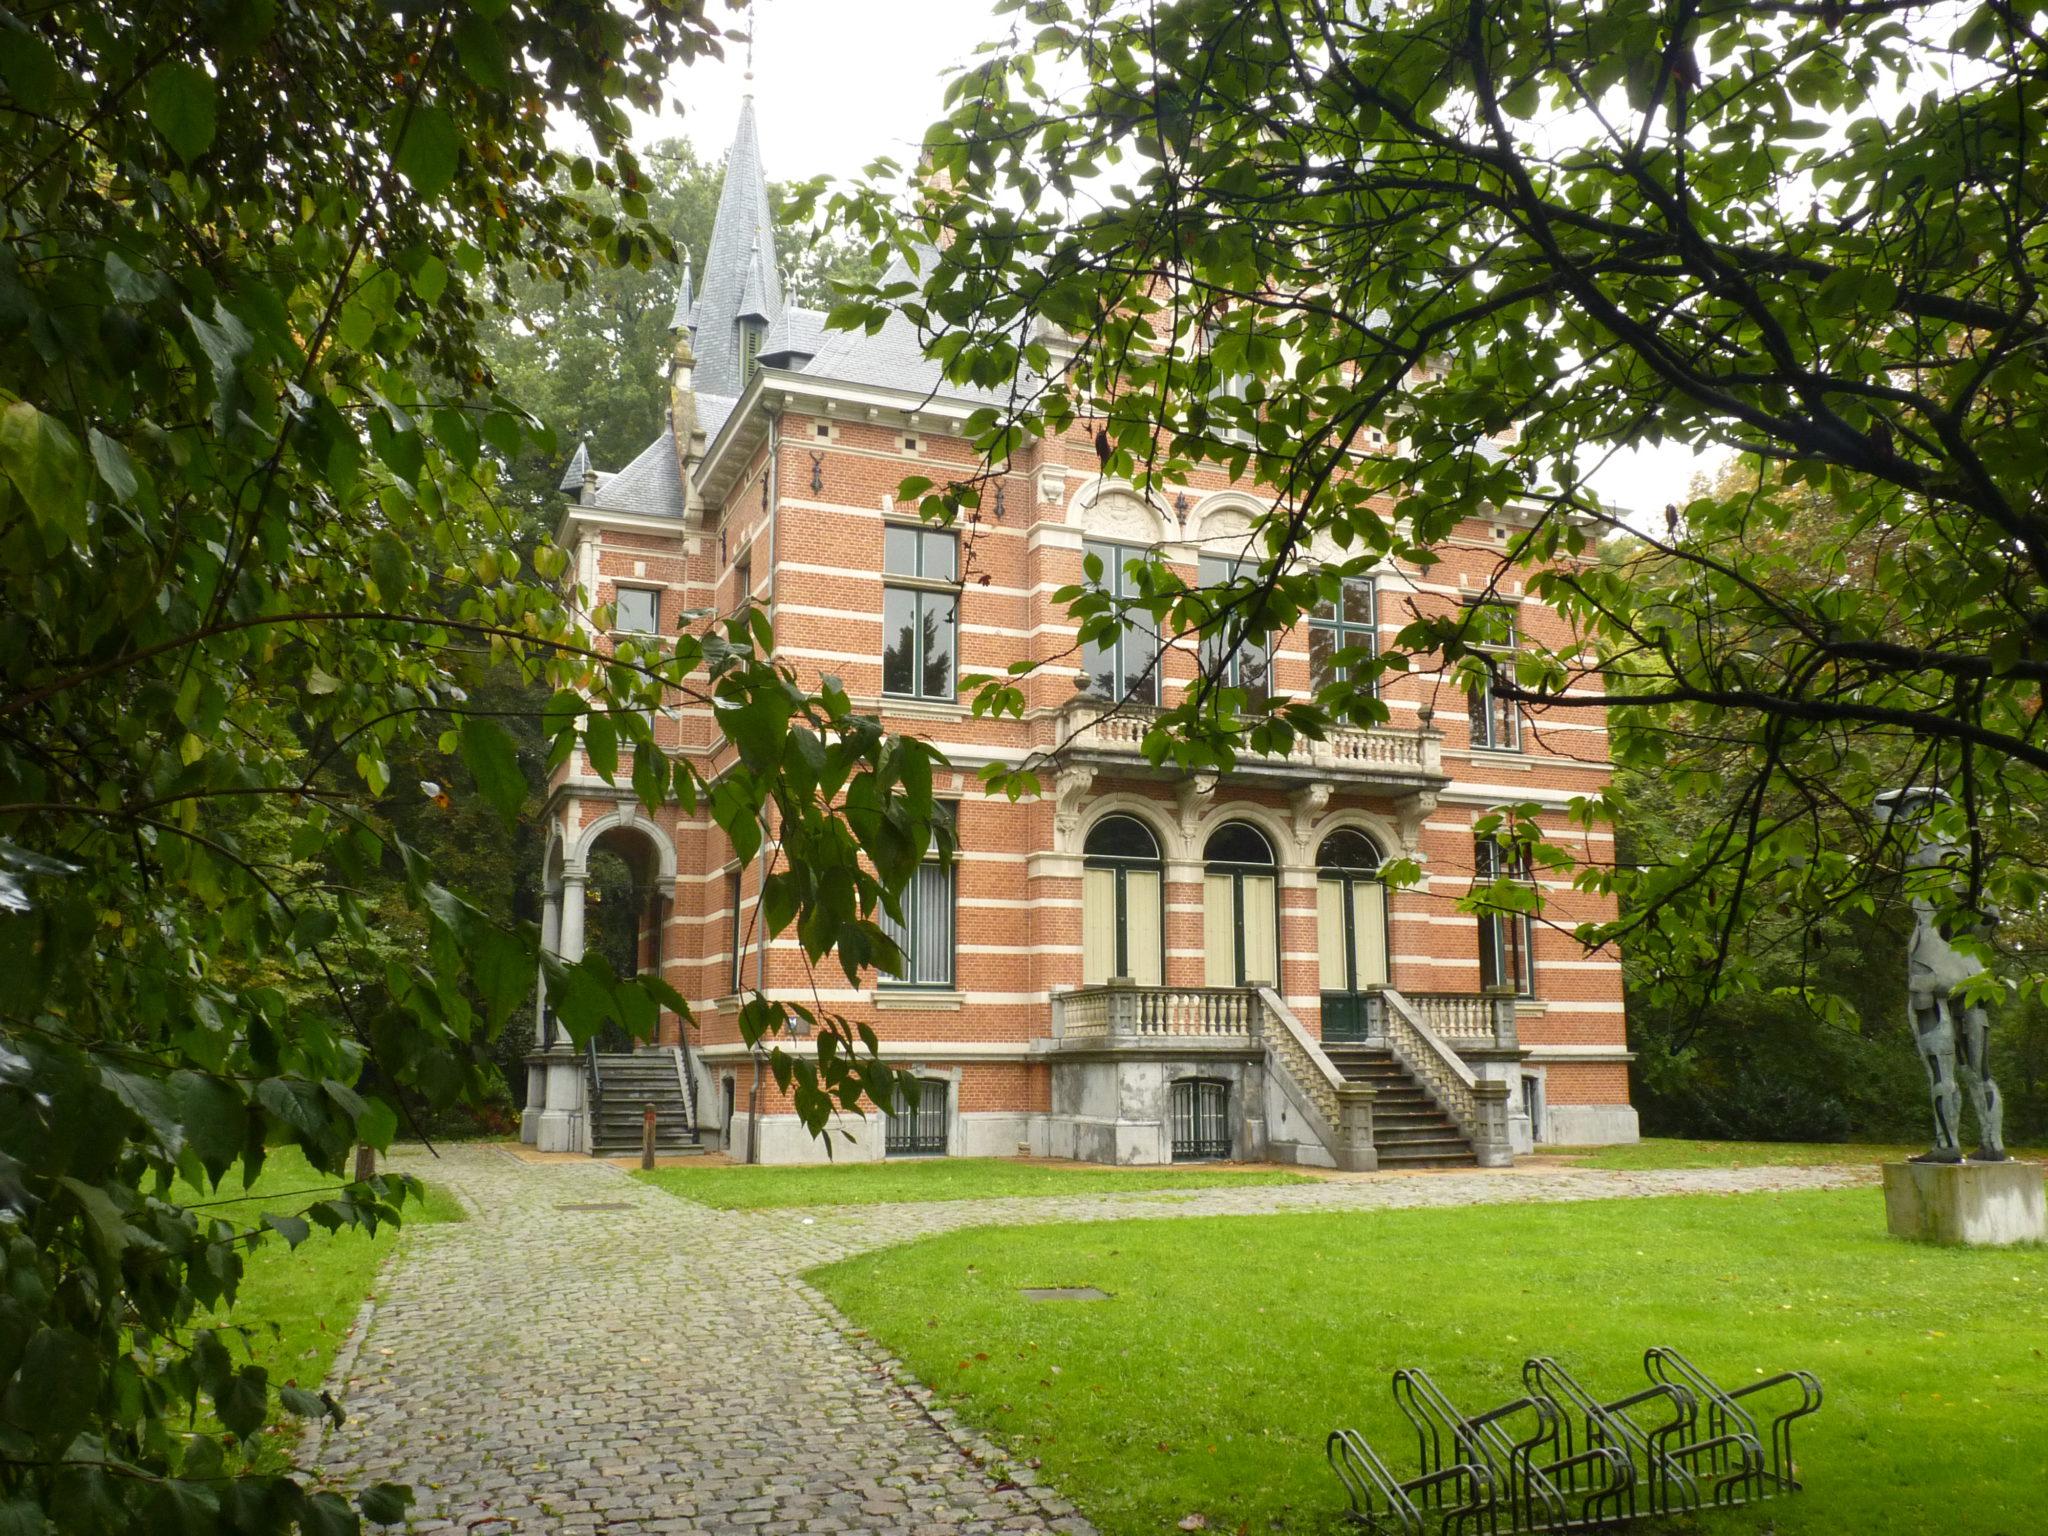 Wandelen in Herentals tussen monumenten en groen.